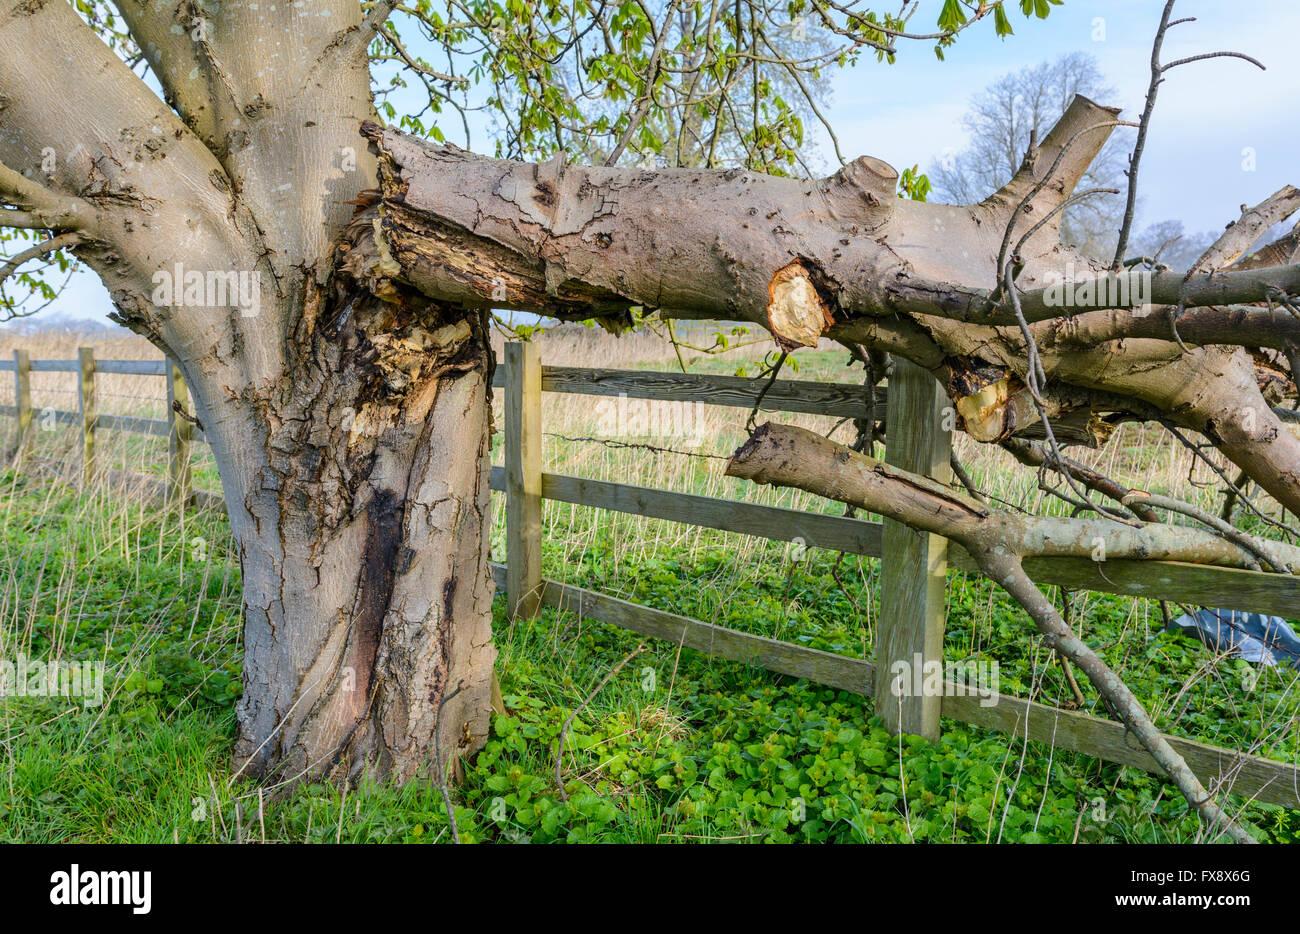 Arbre endommagé avec la branche cassée et briser une clôture en bois. Photo Stock